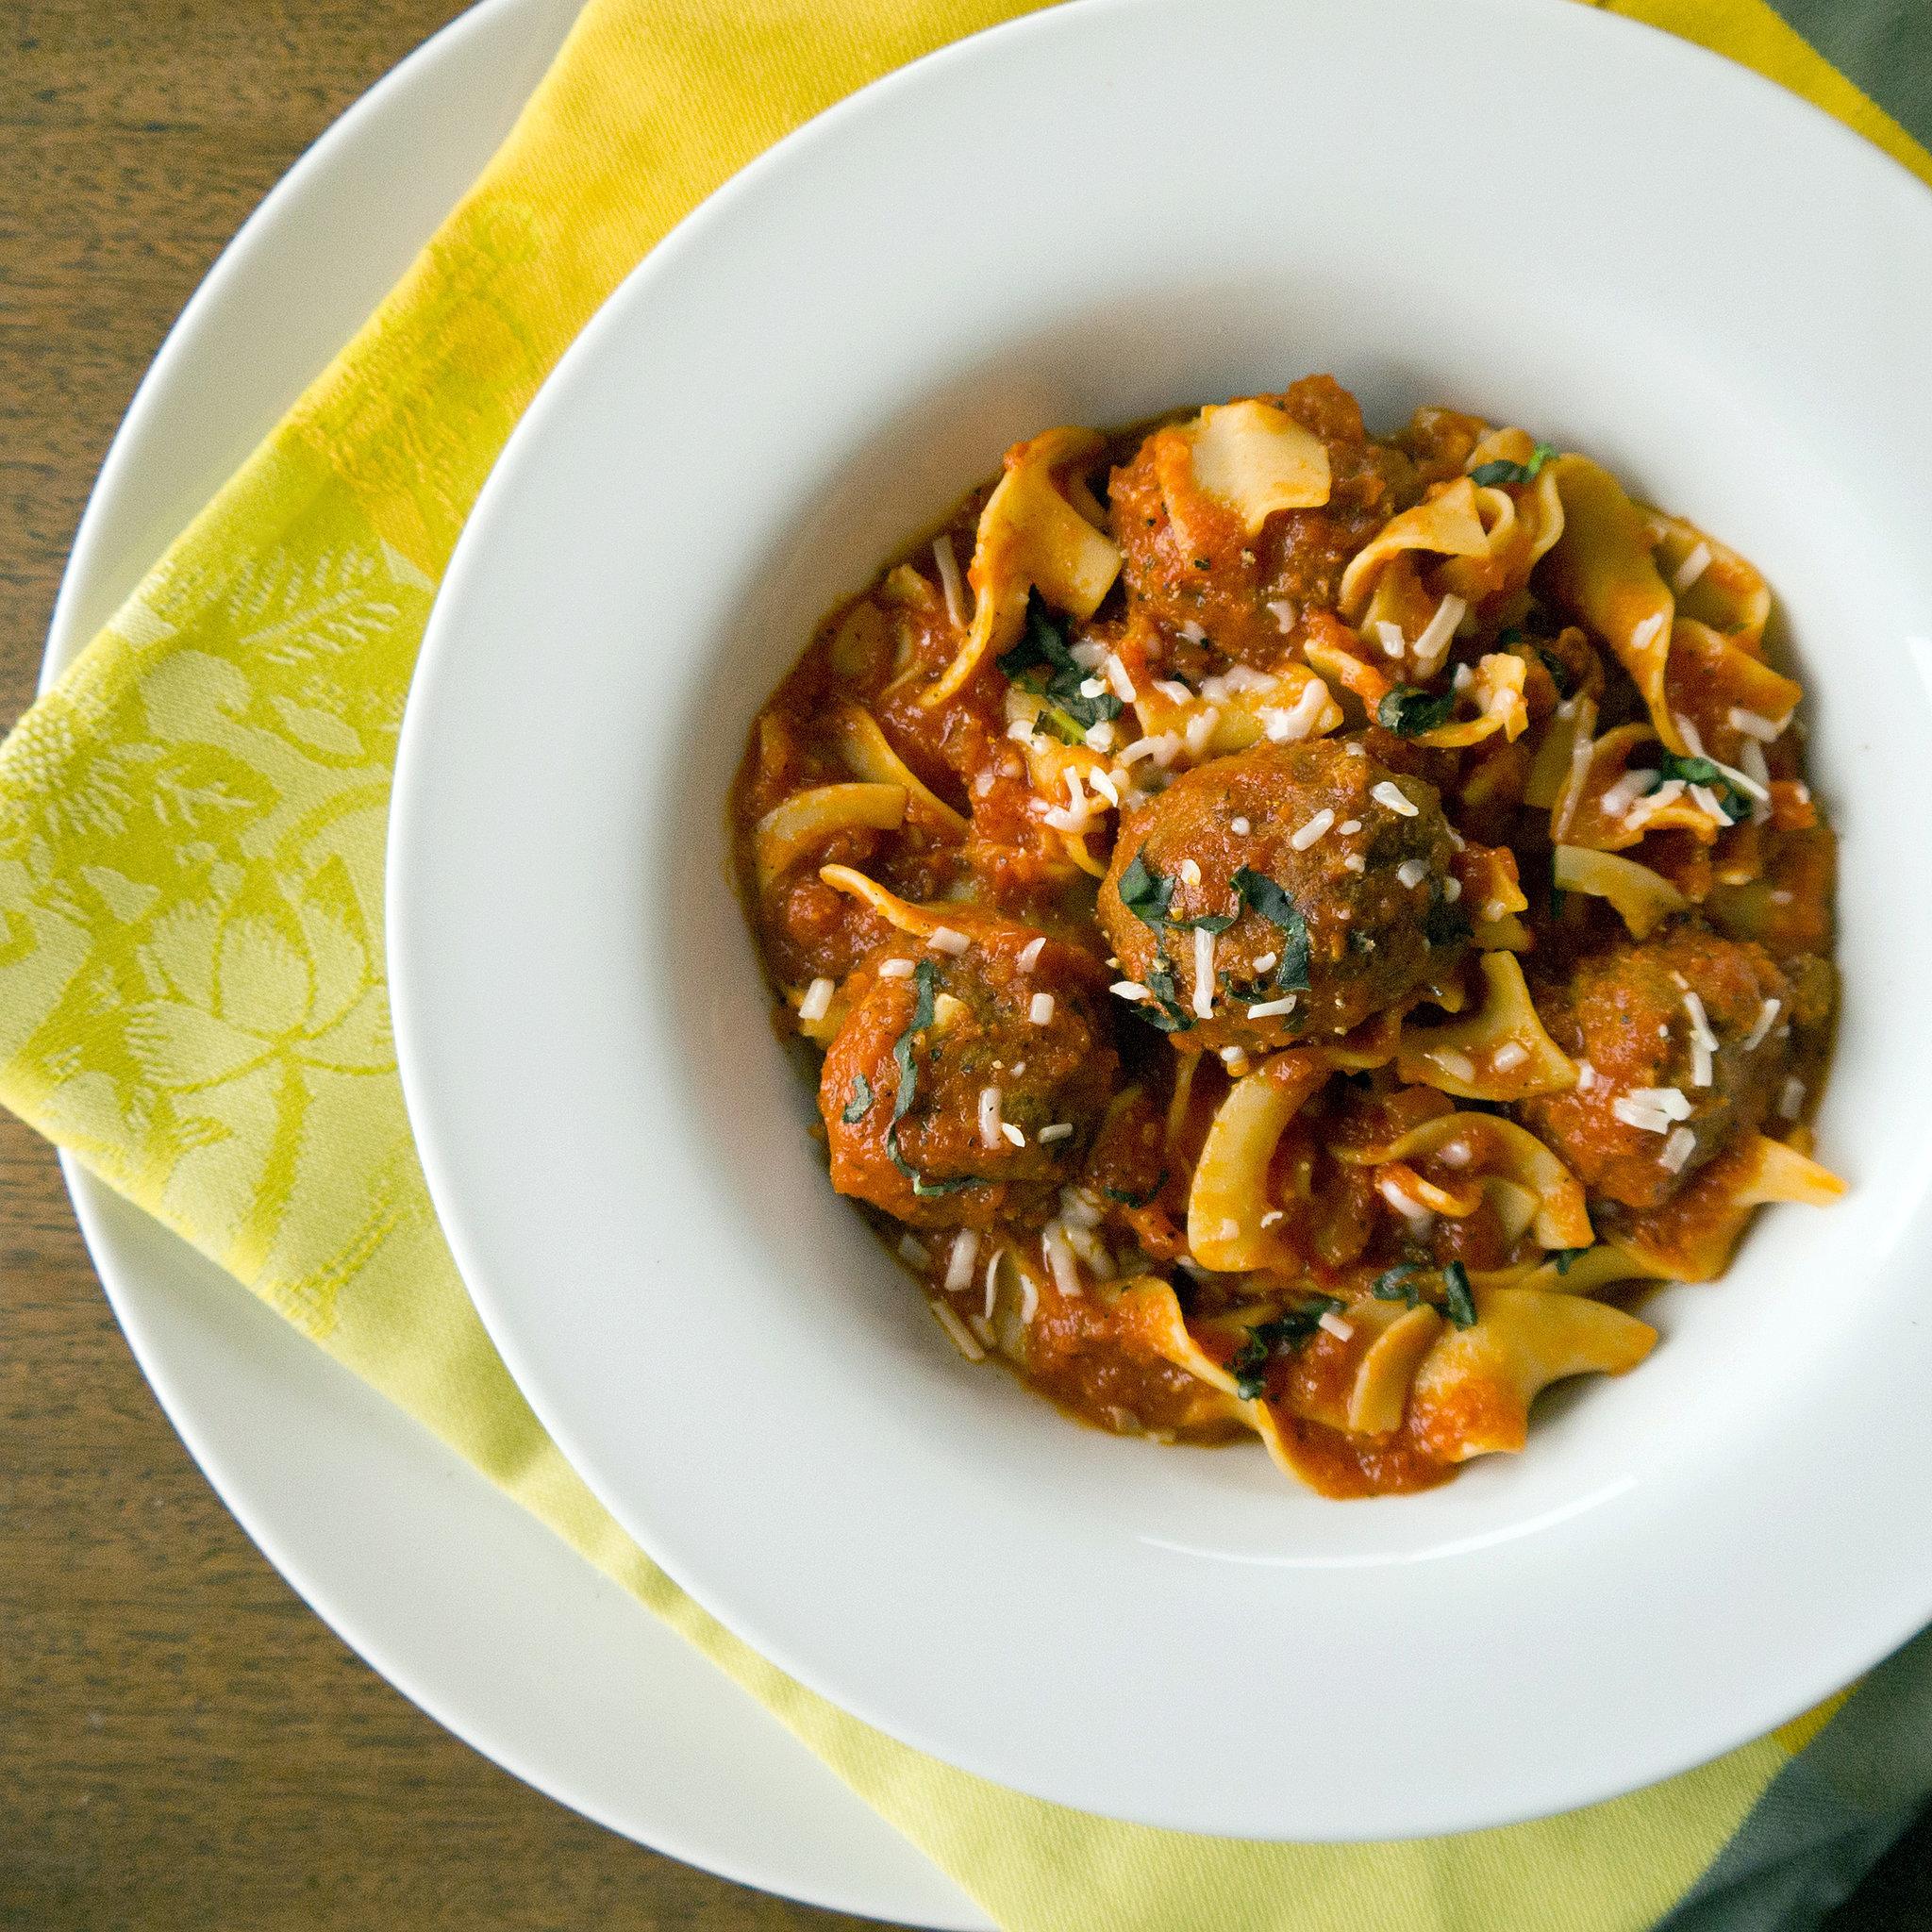 Slow Cooker Meatballs | Meet Your 5 New Favorite Comfort-Food Recipes ...